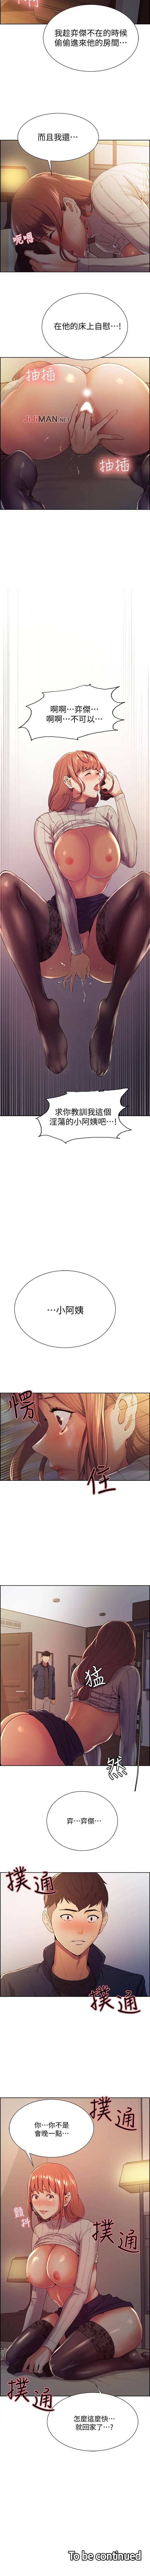 【周二连载】室友招募中(作者:Serious) 第1~13话 51